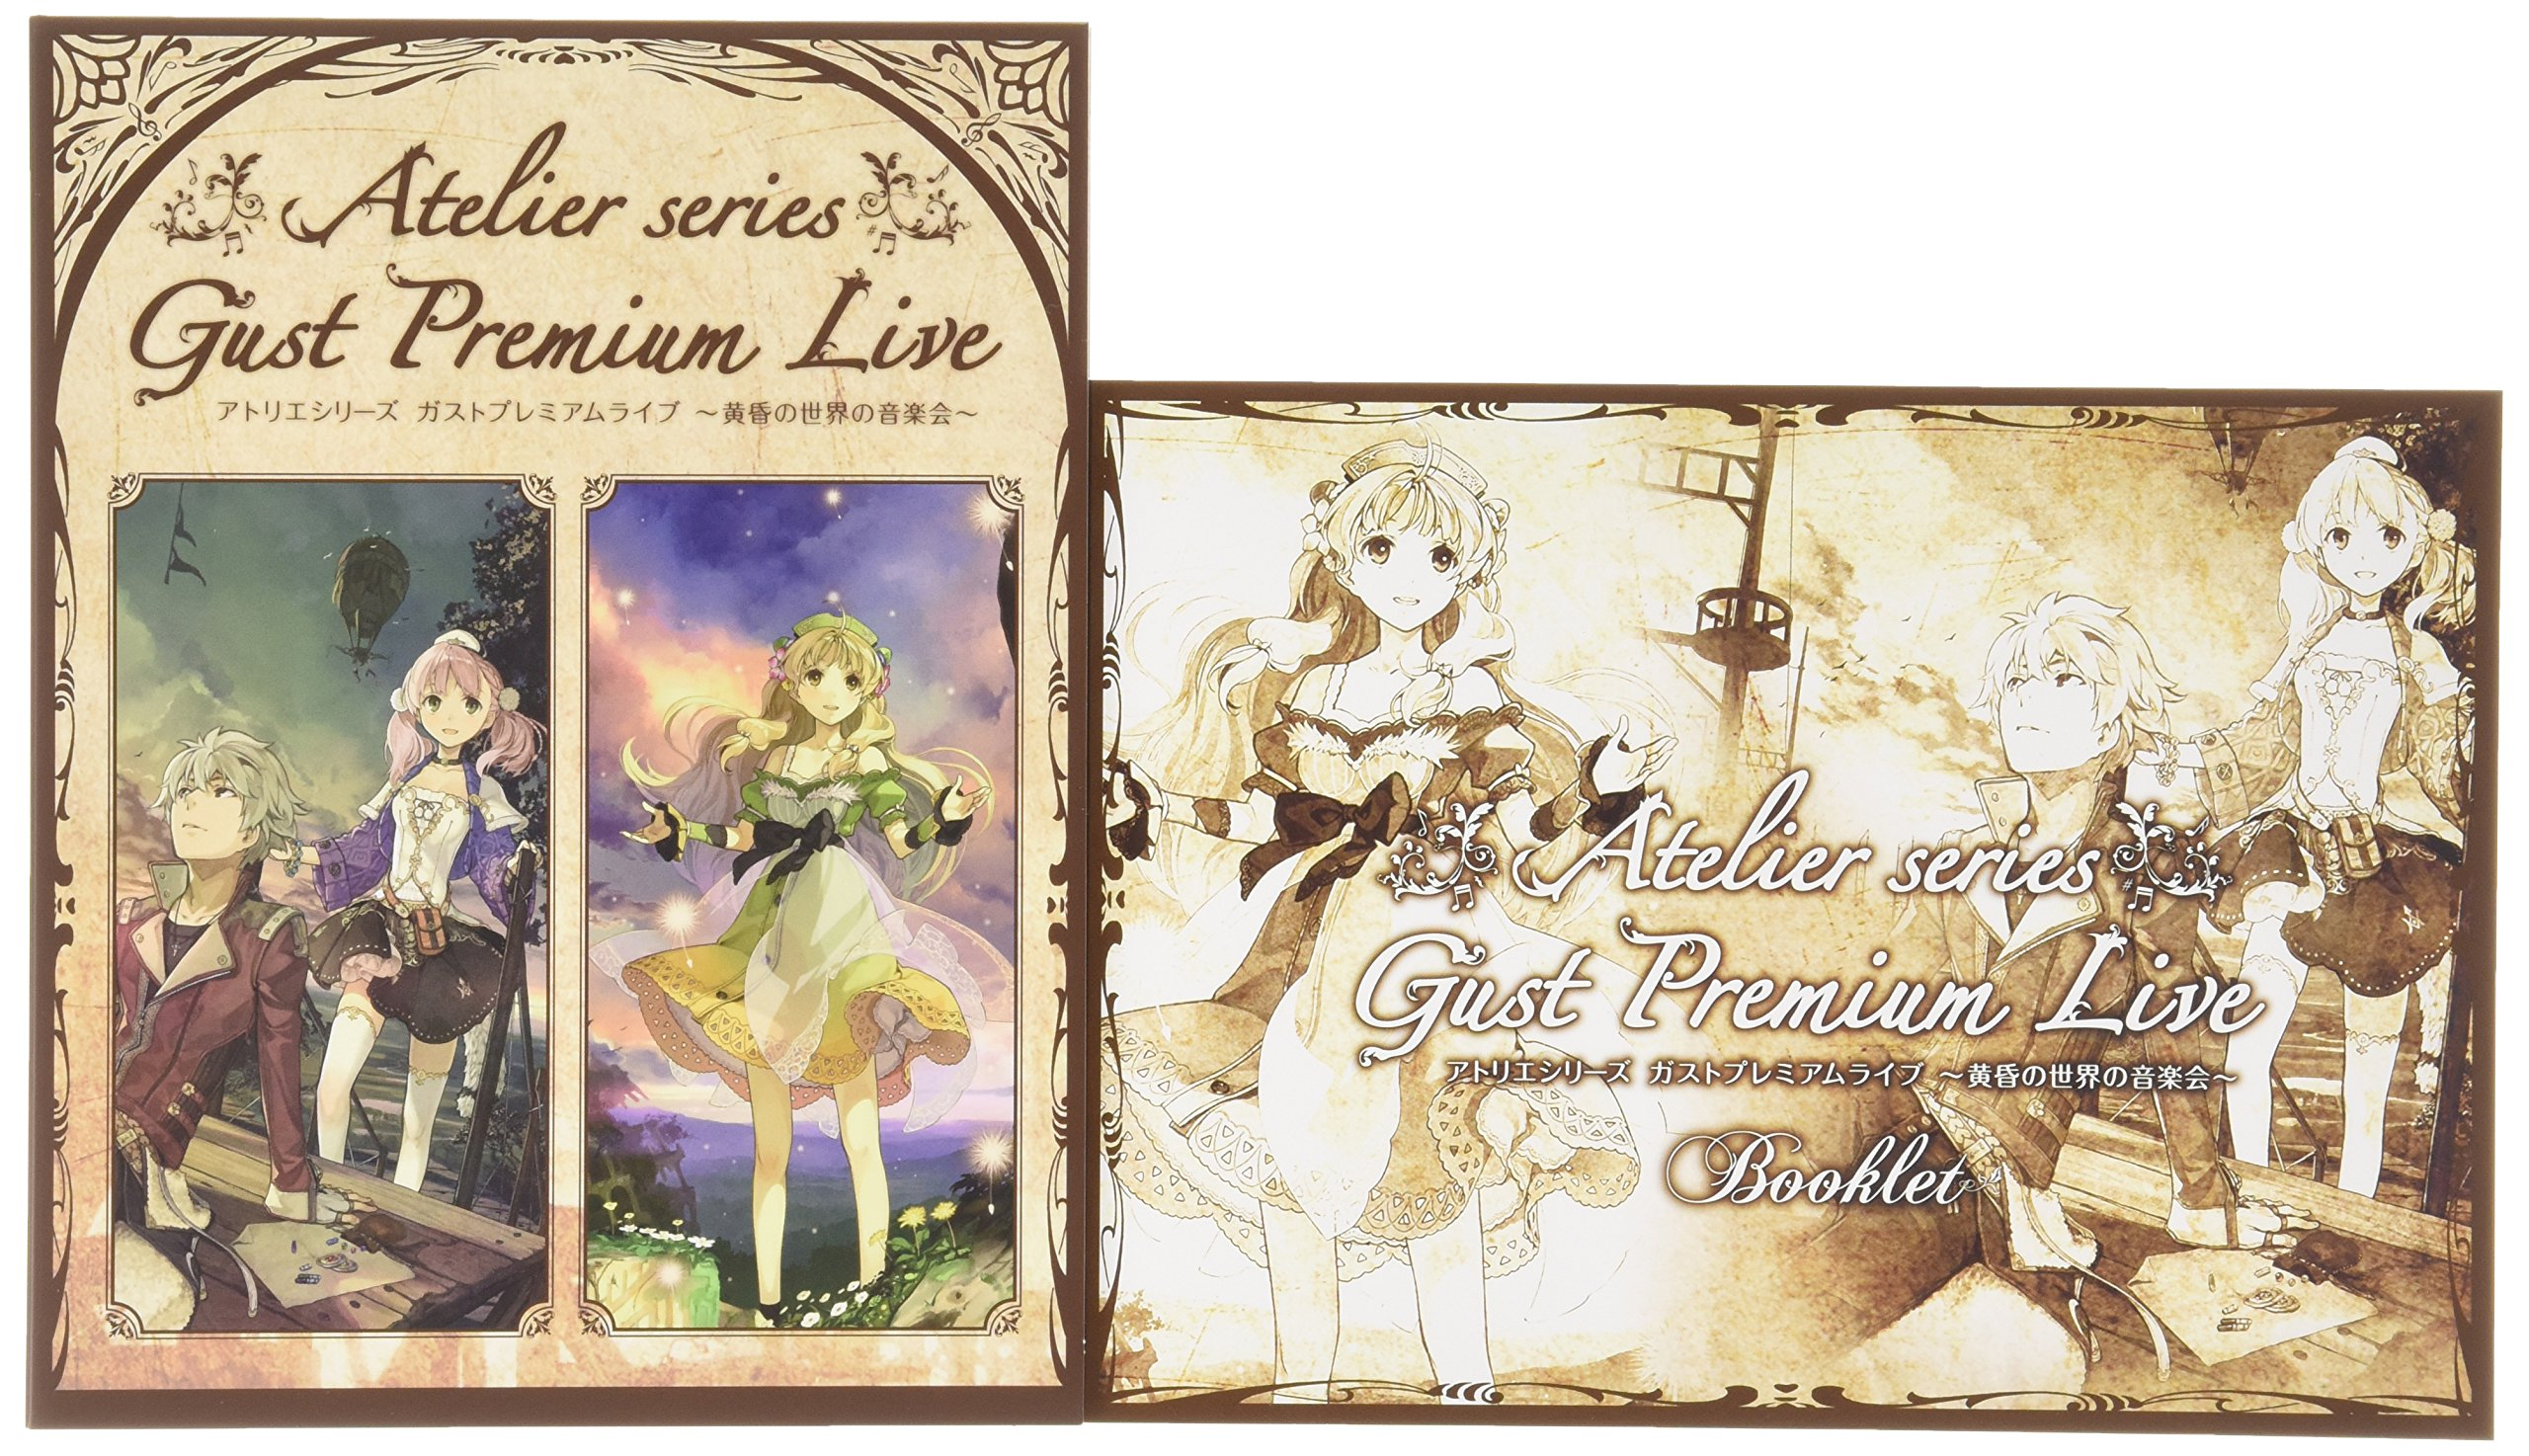 V.A. - Atelier Series Gust Premium Live Tasogare No Sekai No Ongakukai [Japan BD] VPXQ-71280 by